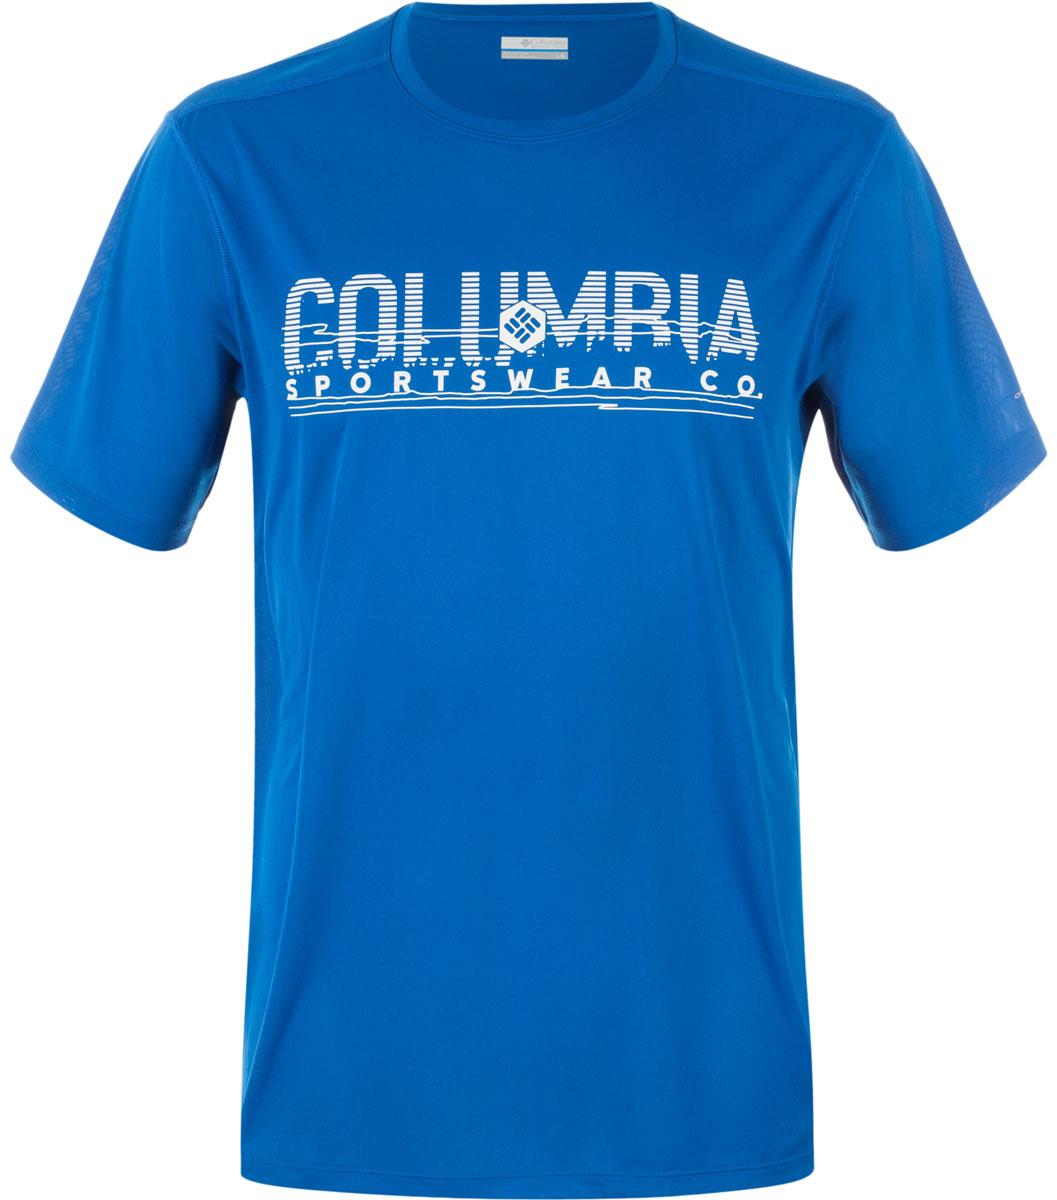 Футболка мужская Columbia Tech Trek Graphic SS Shirt T-shirt, цвет: синий. 1711801-438. Размер M (46/48)1711801-438Мужская футболка Columbia изготовлена из высококачественного быстросохнущего полиэстера. Футболка с круглым вырезом горловины и короткими рукавами незаменима для занятий спортом. Крупный принт на груди придает изделию оригинальность.